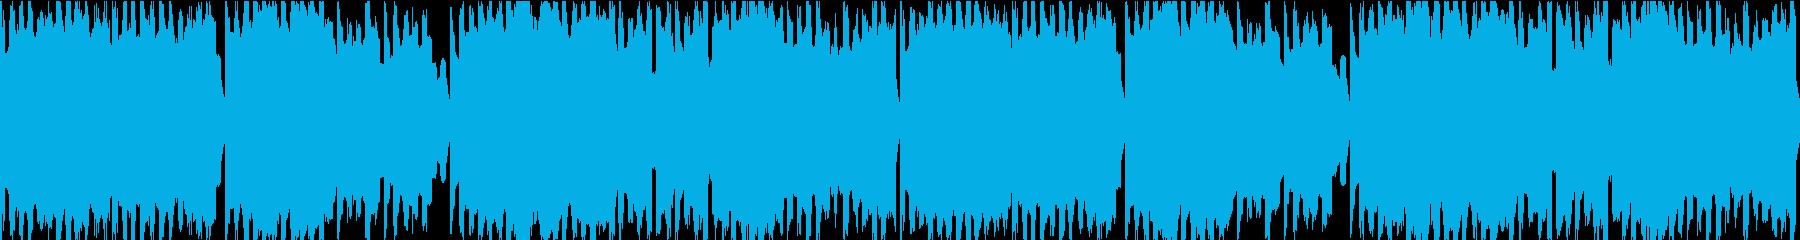 8bit風BGM 地平線への再生済みの波形